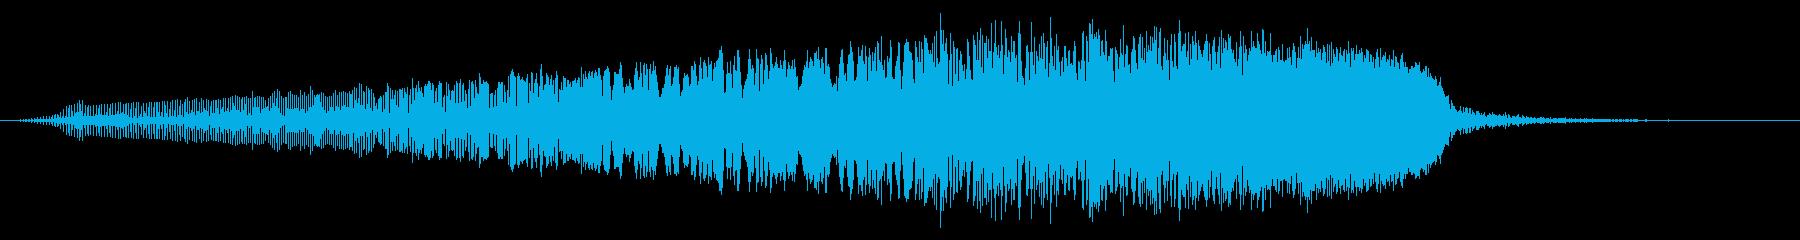 テルミン:揺れるホイッスルライズスイープの再生済みの波形